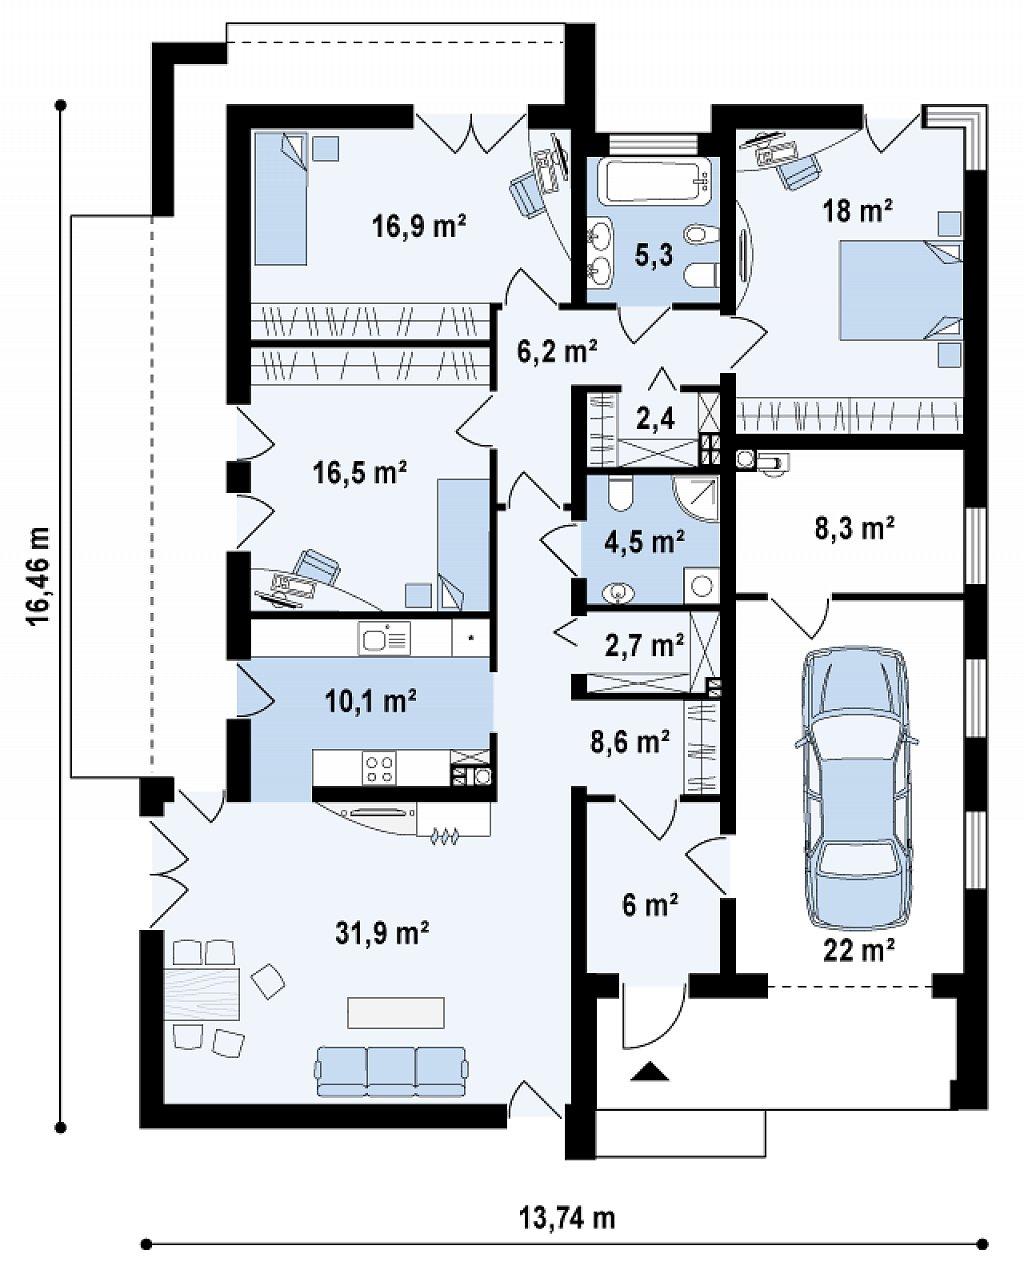 Прекрасное сочетание строгих минималистичных форм и уютного практичного интерьера. план помещений 1